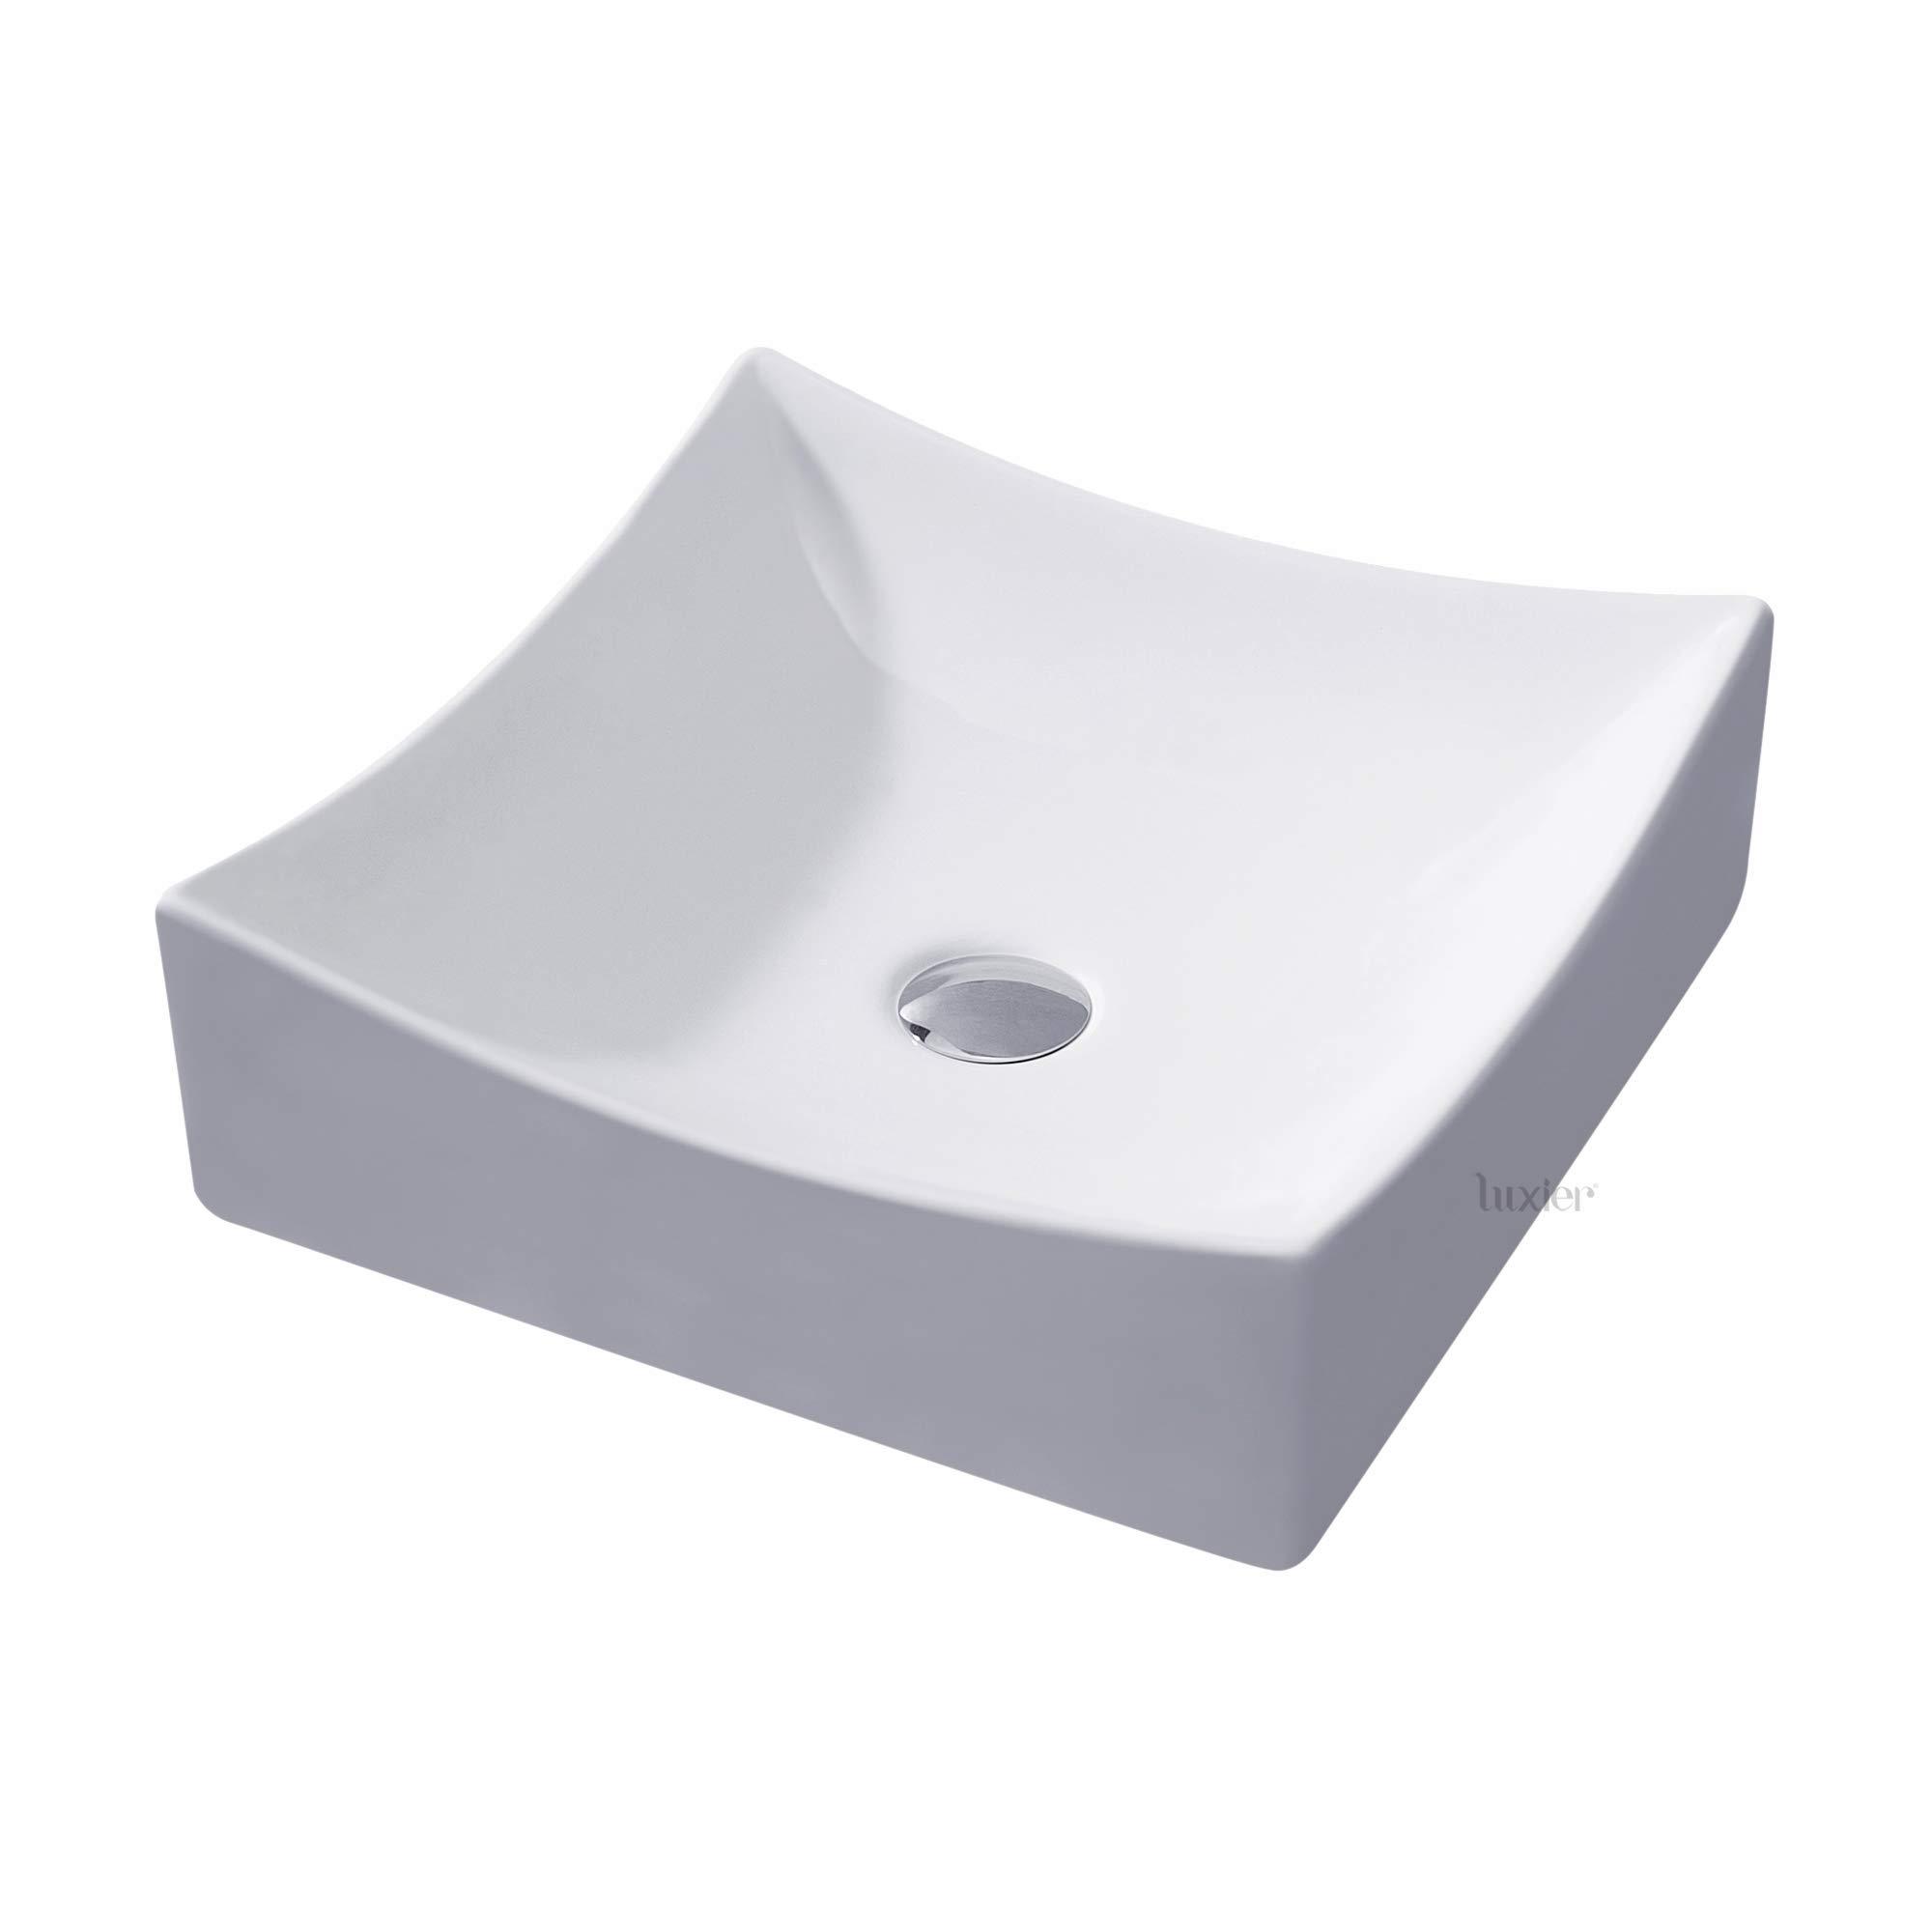 Luxier CS-016 Bathroom Porcelain Ceramic Vessel Vanity Sink Art Basin